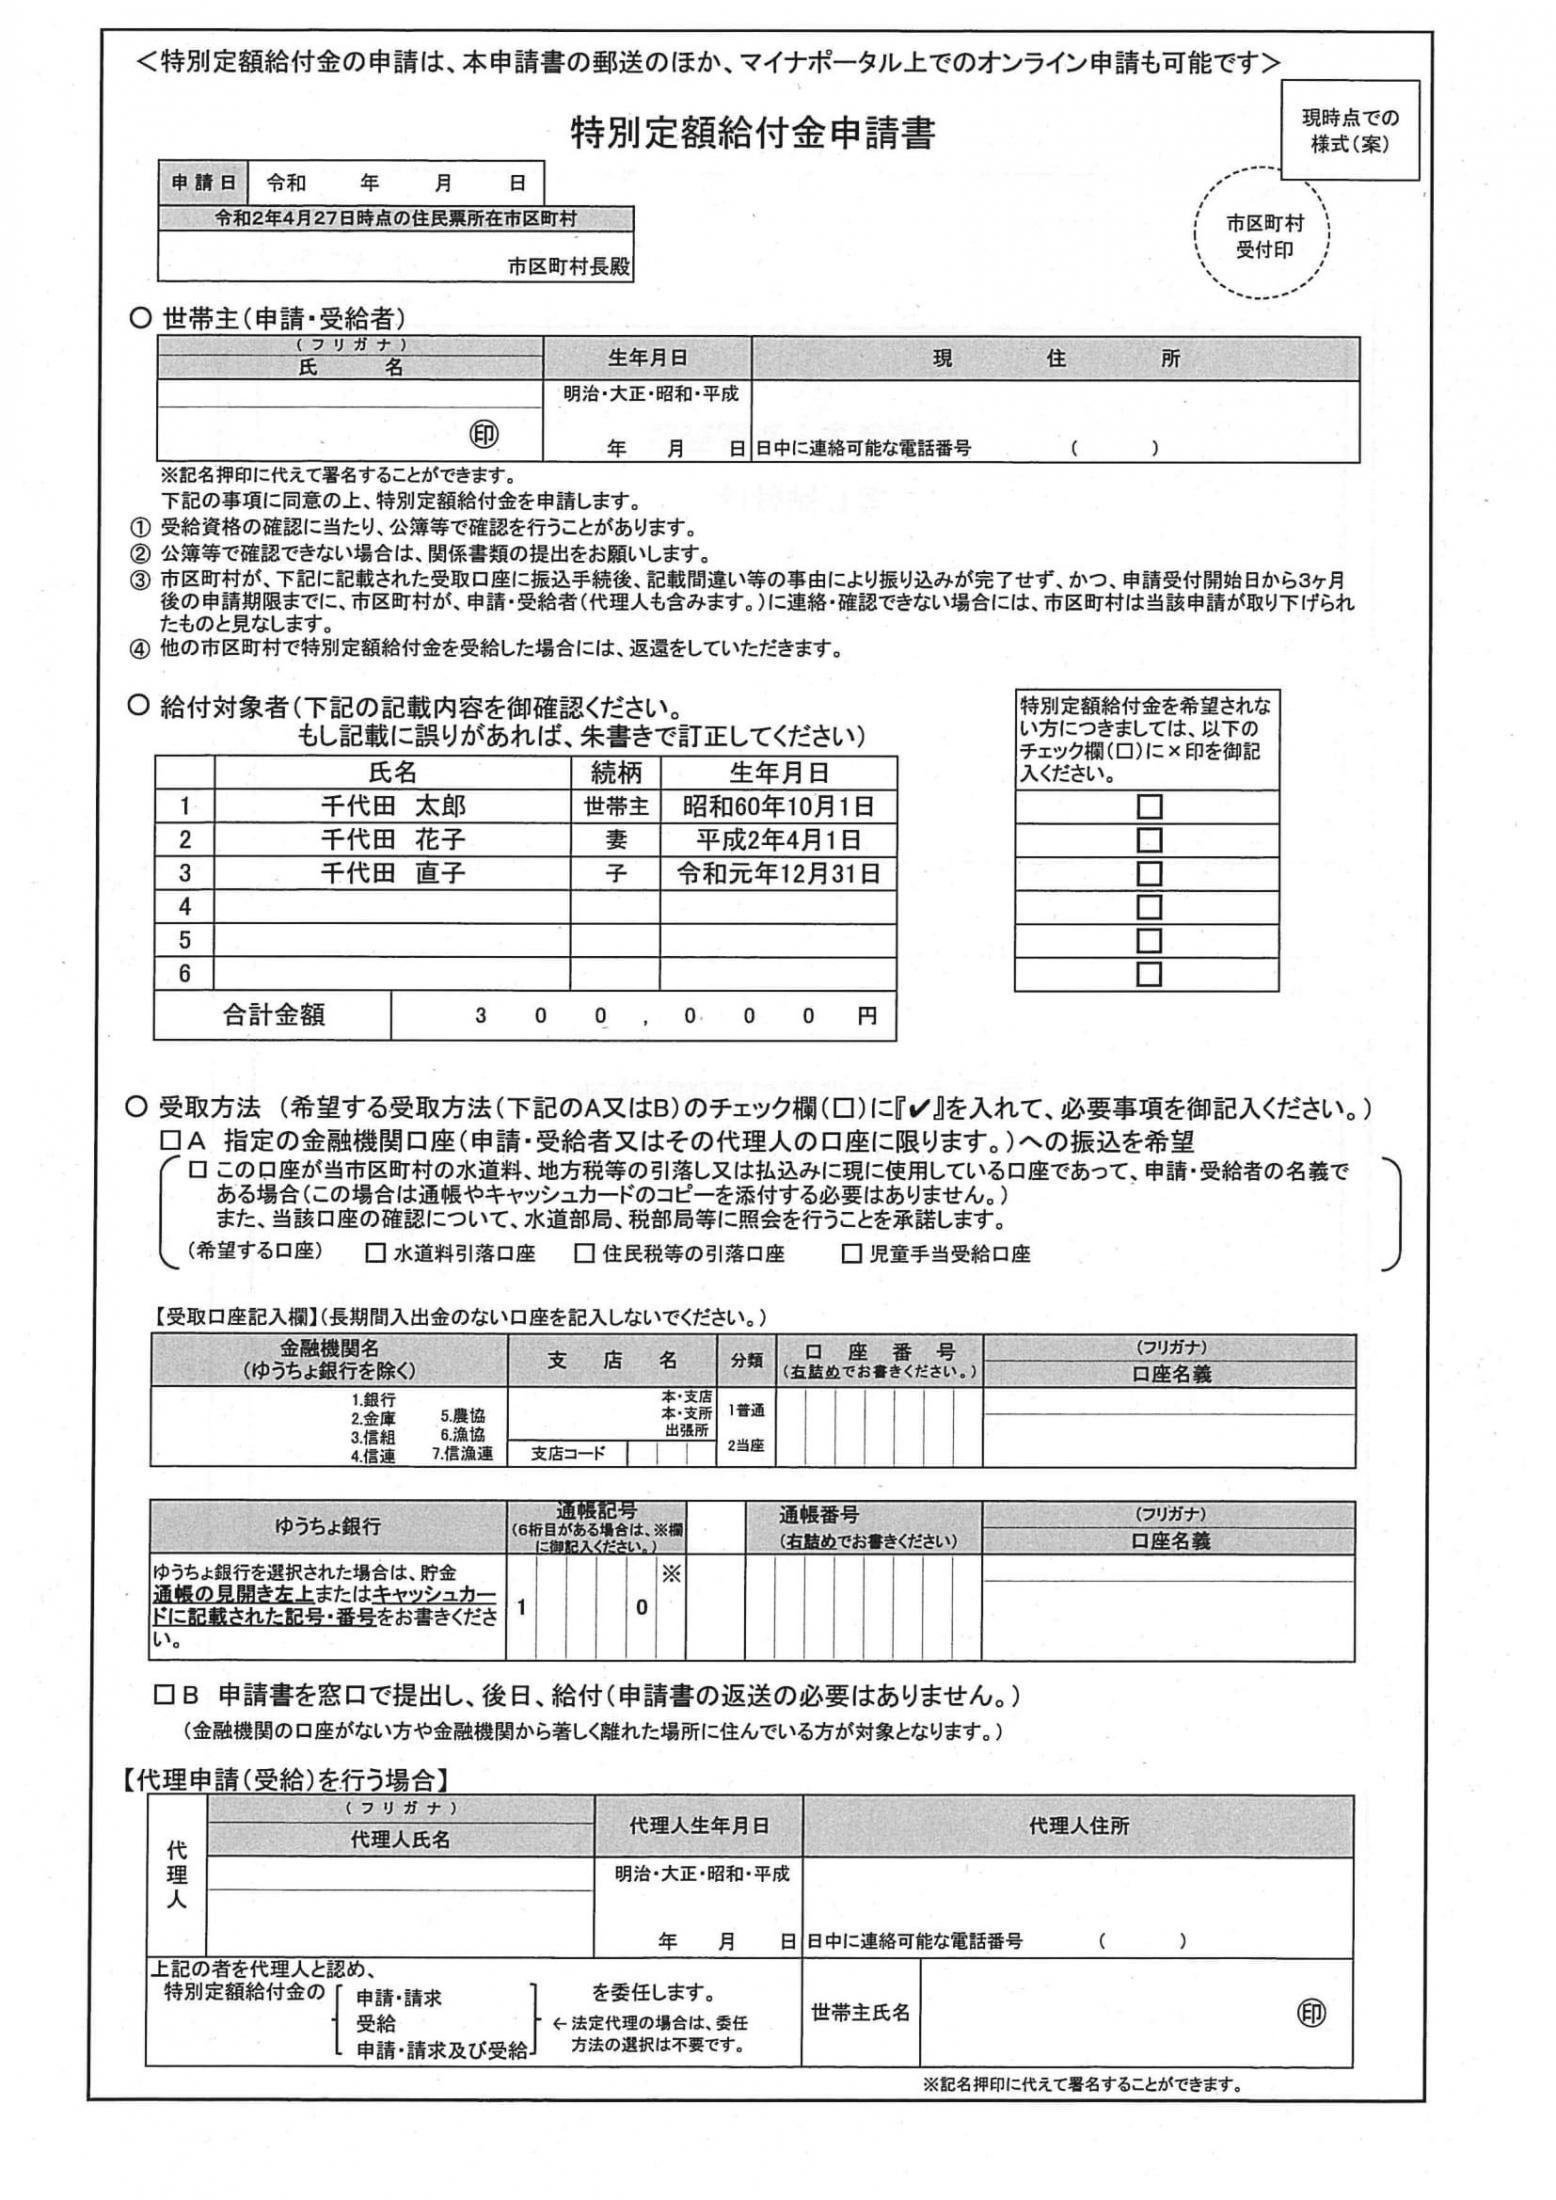 10万円 申請書 原案